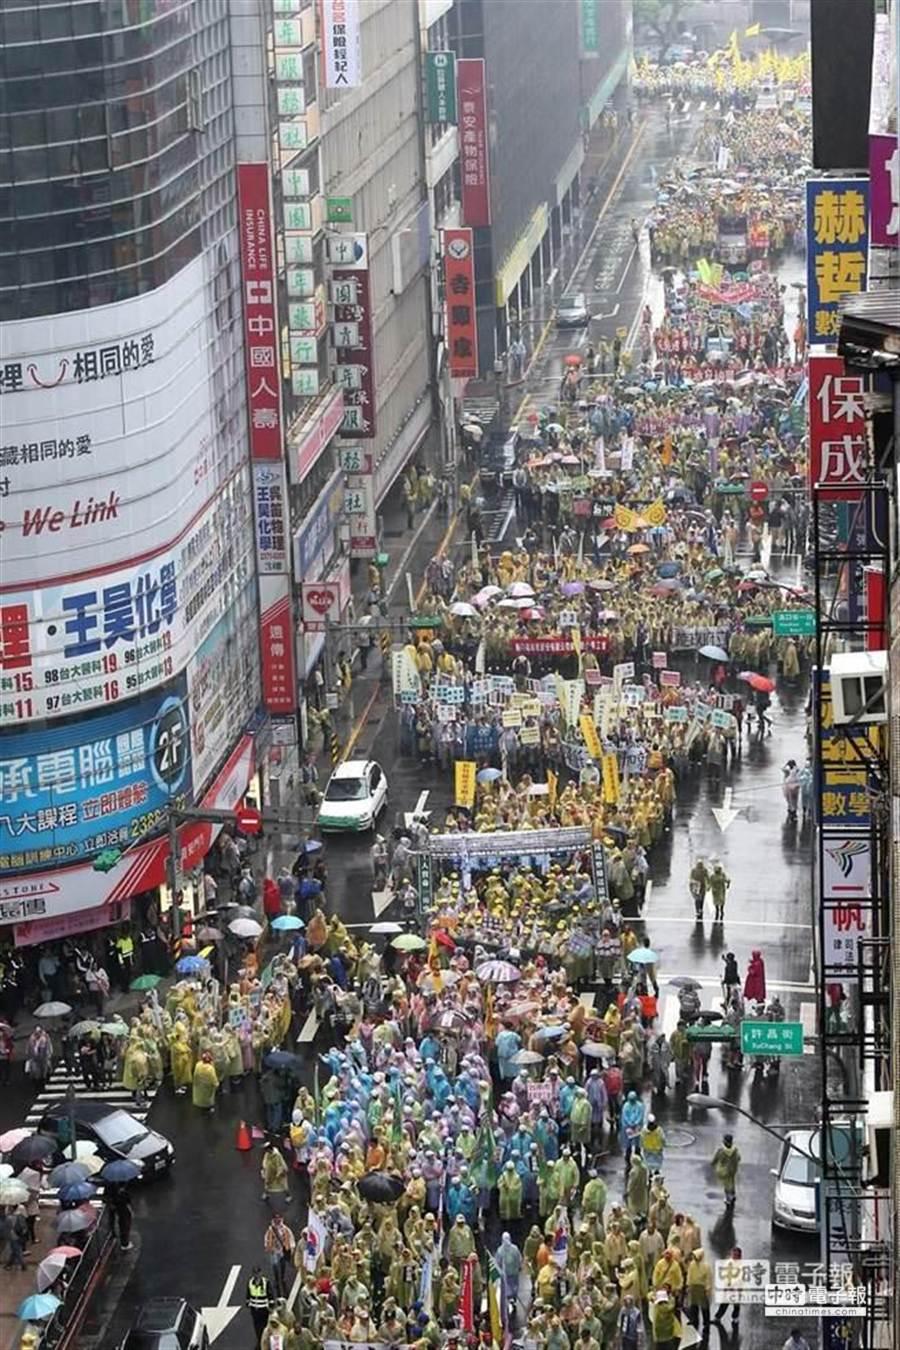 2014五一勞工「反低薪、禁派遣」遊行,民眾占滿館前路。(陳信翰攝)